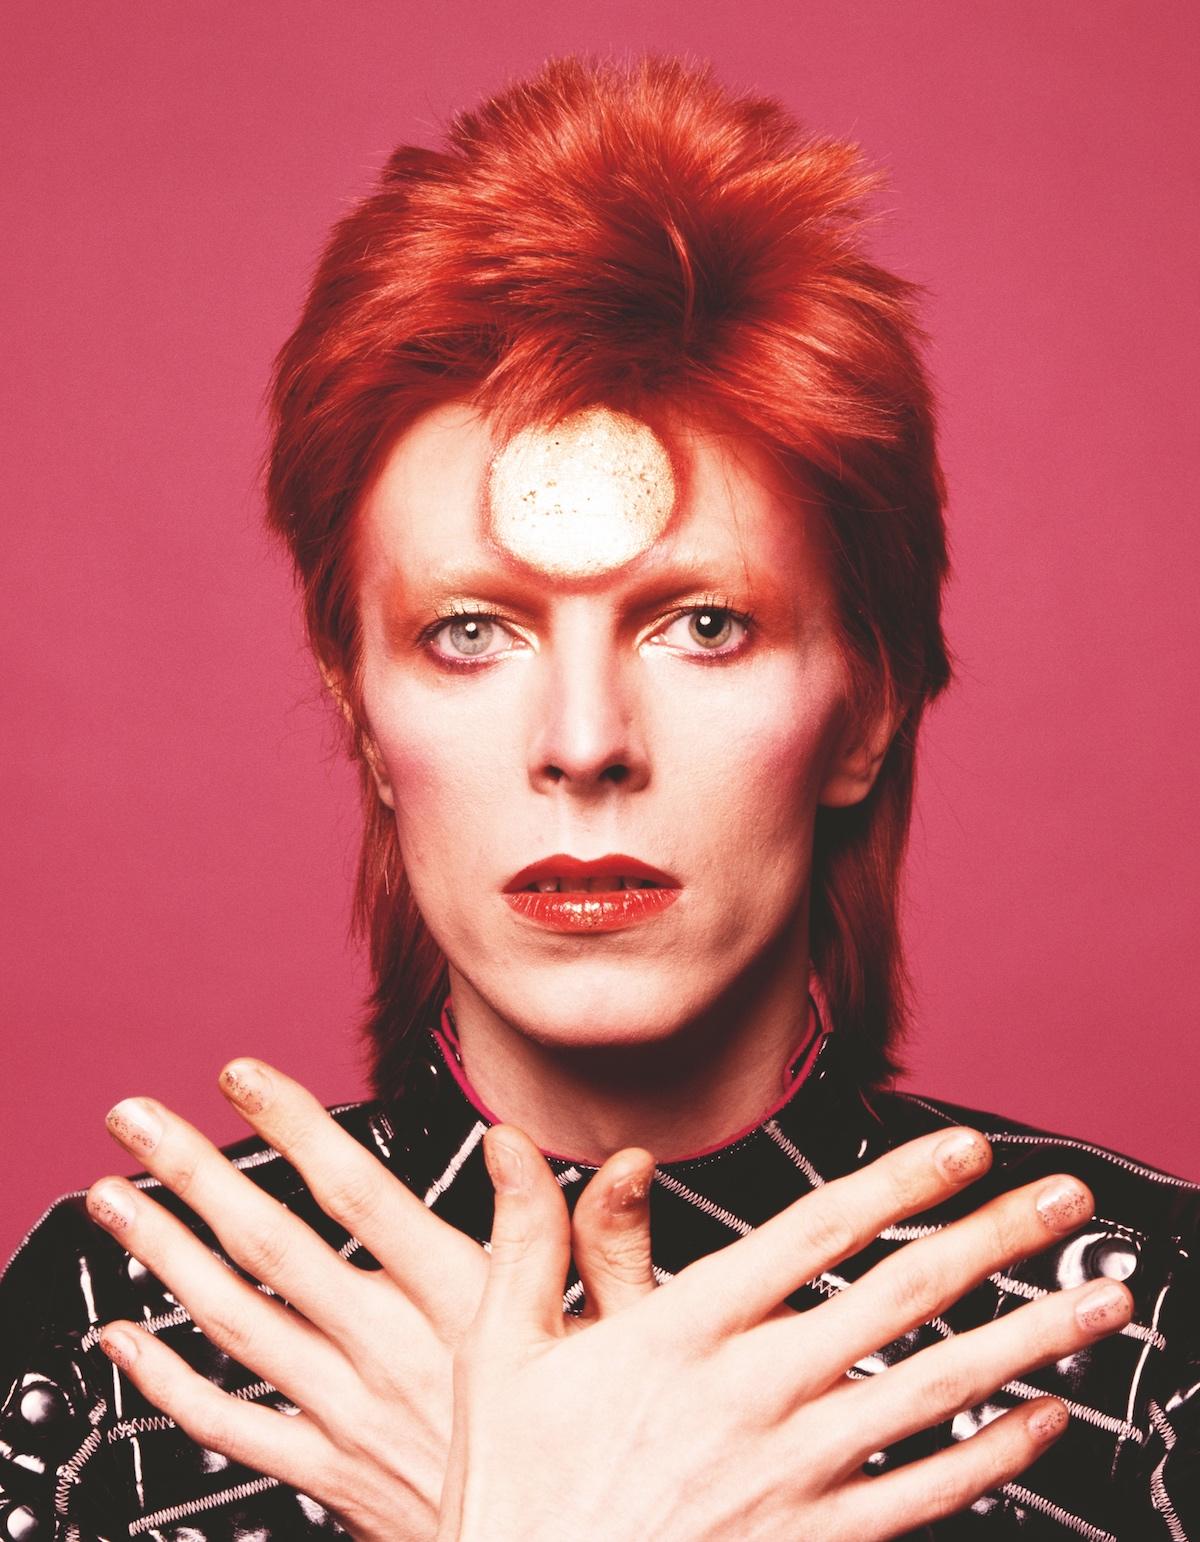 David Bowie Portrait by Sukita